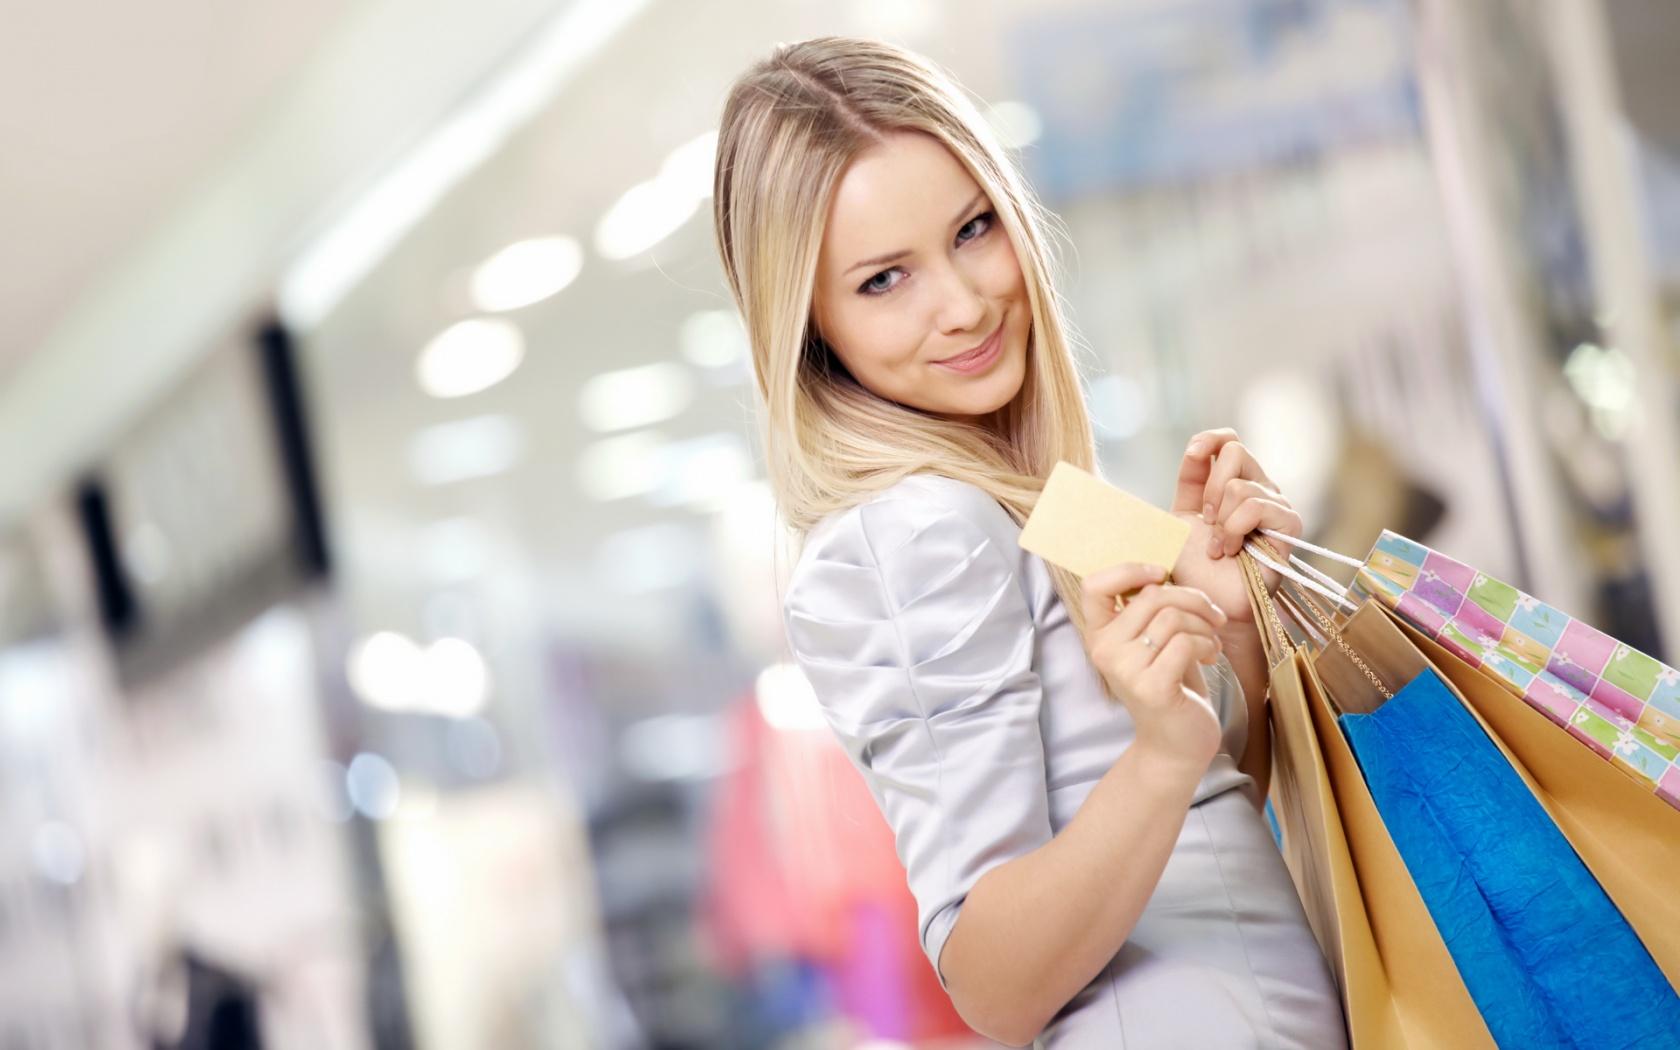 Российские размеры одежды для женщин - узнаем свои